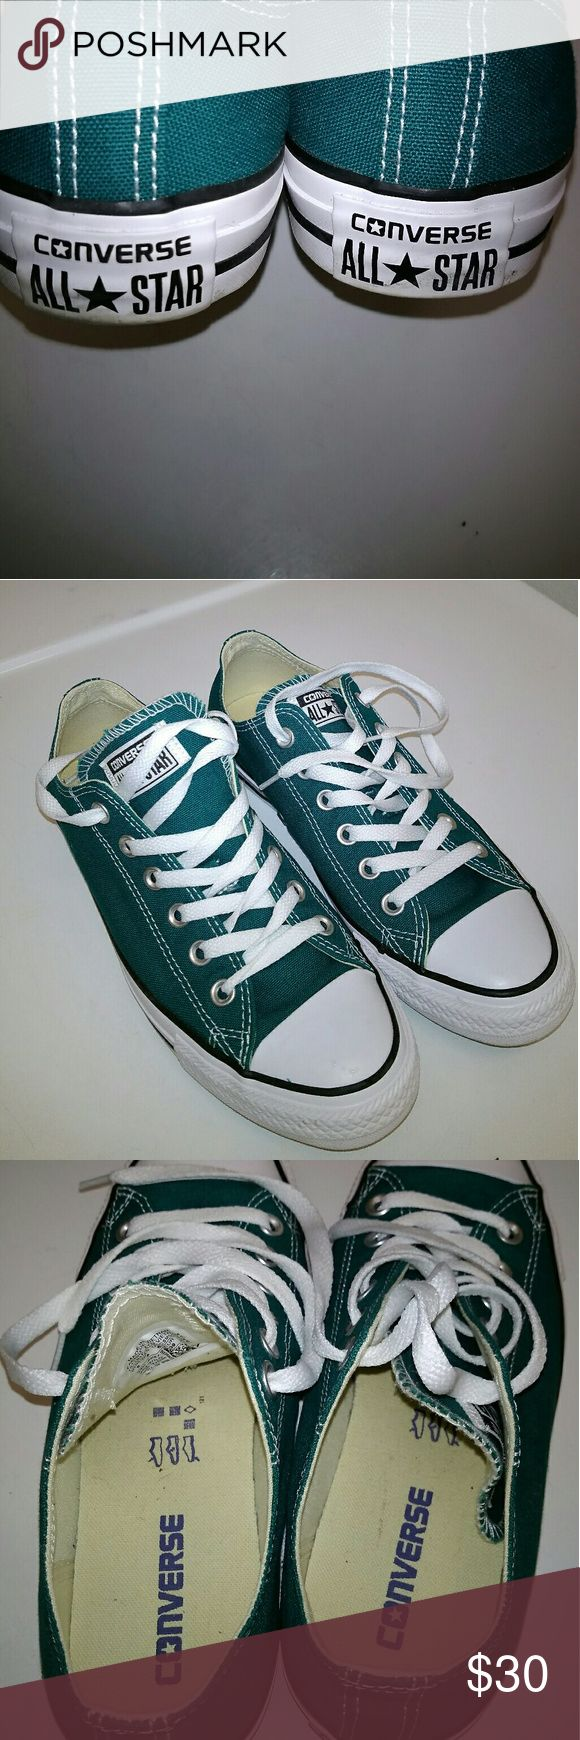 Teal converse worn once Teal converse Converse Shoes Sneakers